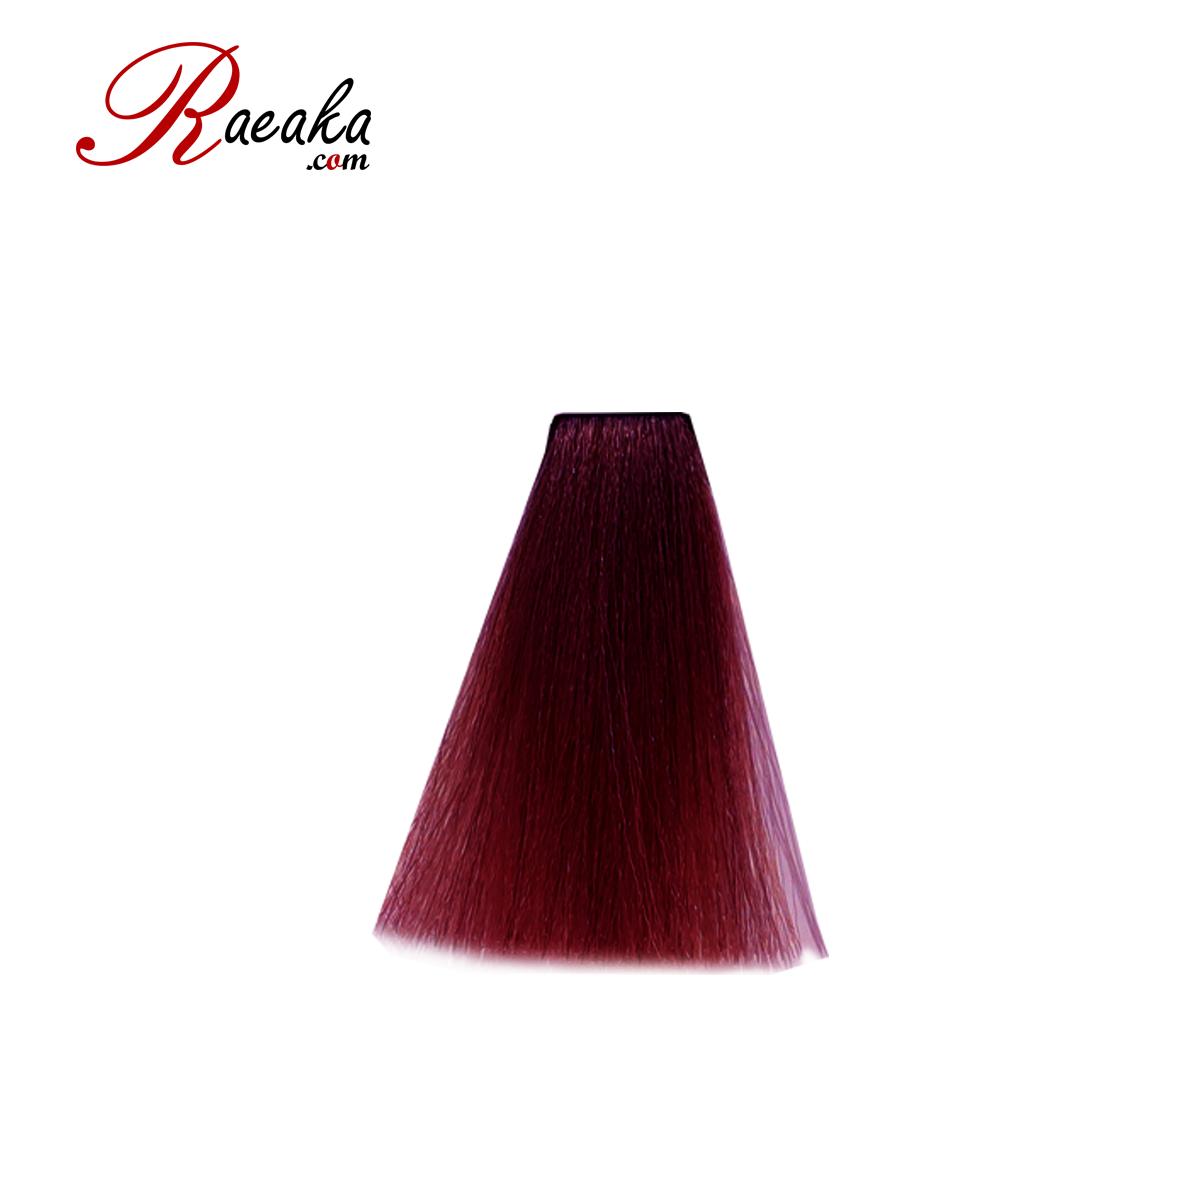 رنگ مو دوماسی سری ارغوانی قهوه ای ارغوانی متوسط ۴٫۲۶ حجم ۱۲۰ میلی لیتر